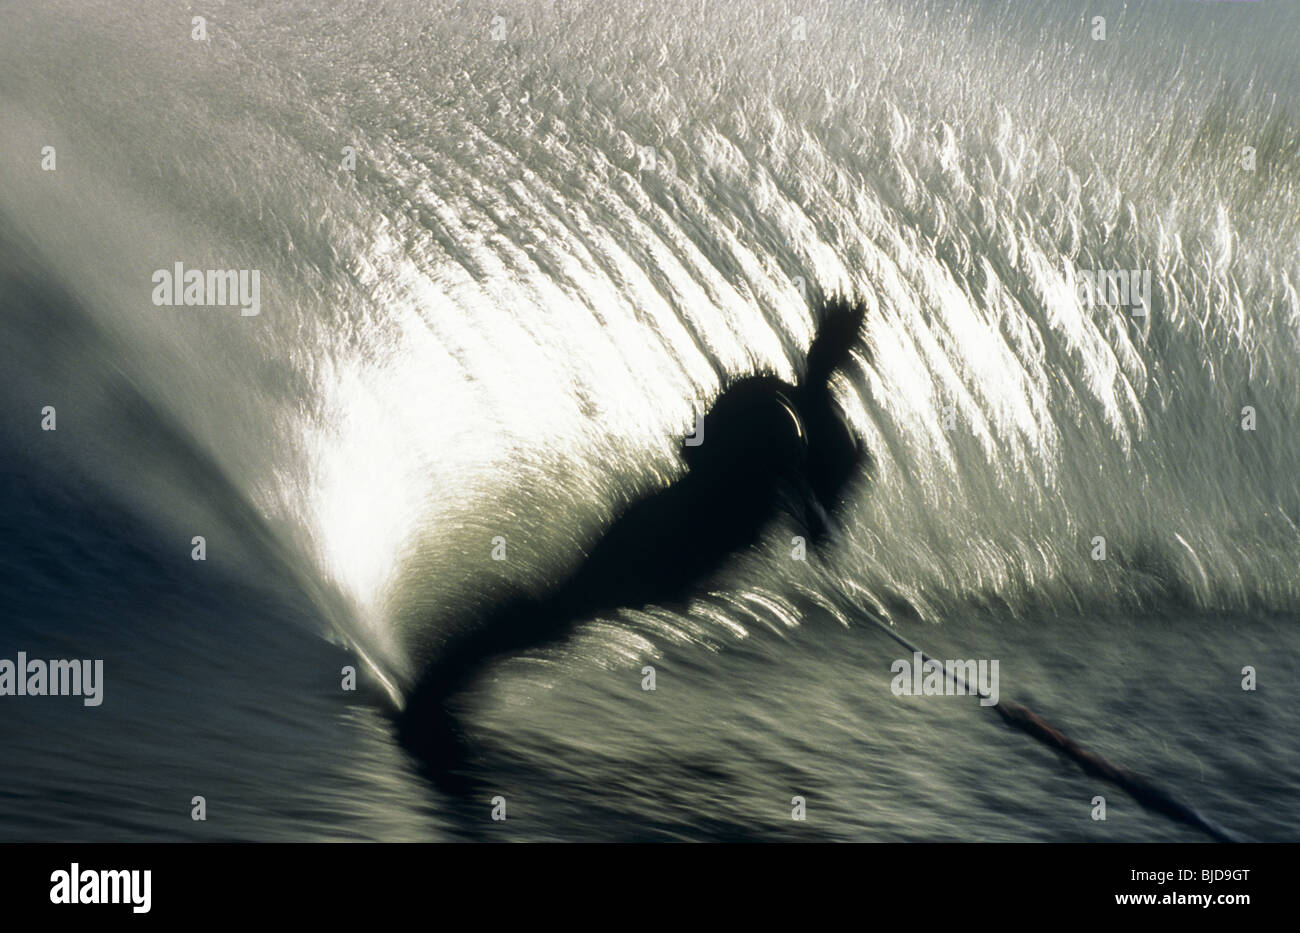 Skieur dans l'eau action crée plume d'eau comme il coupe retour Photo Stock